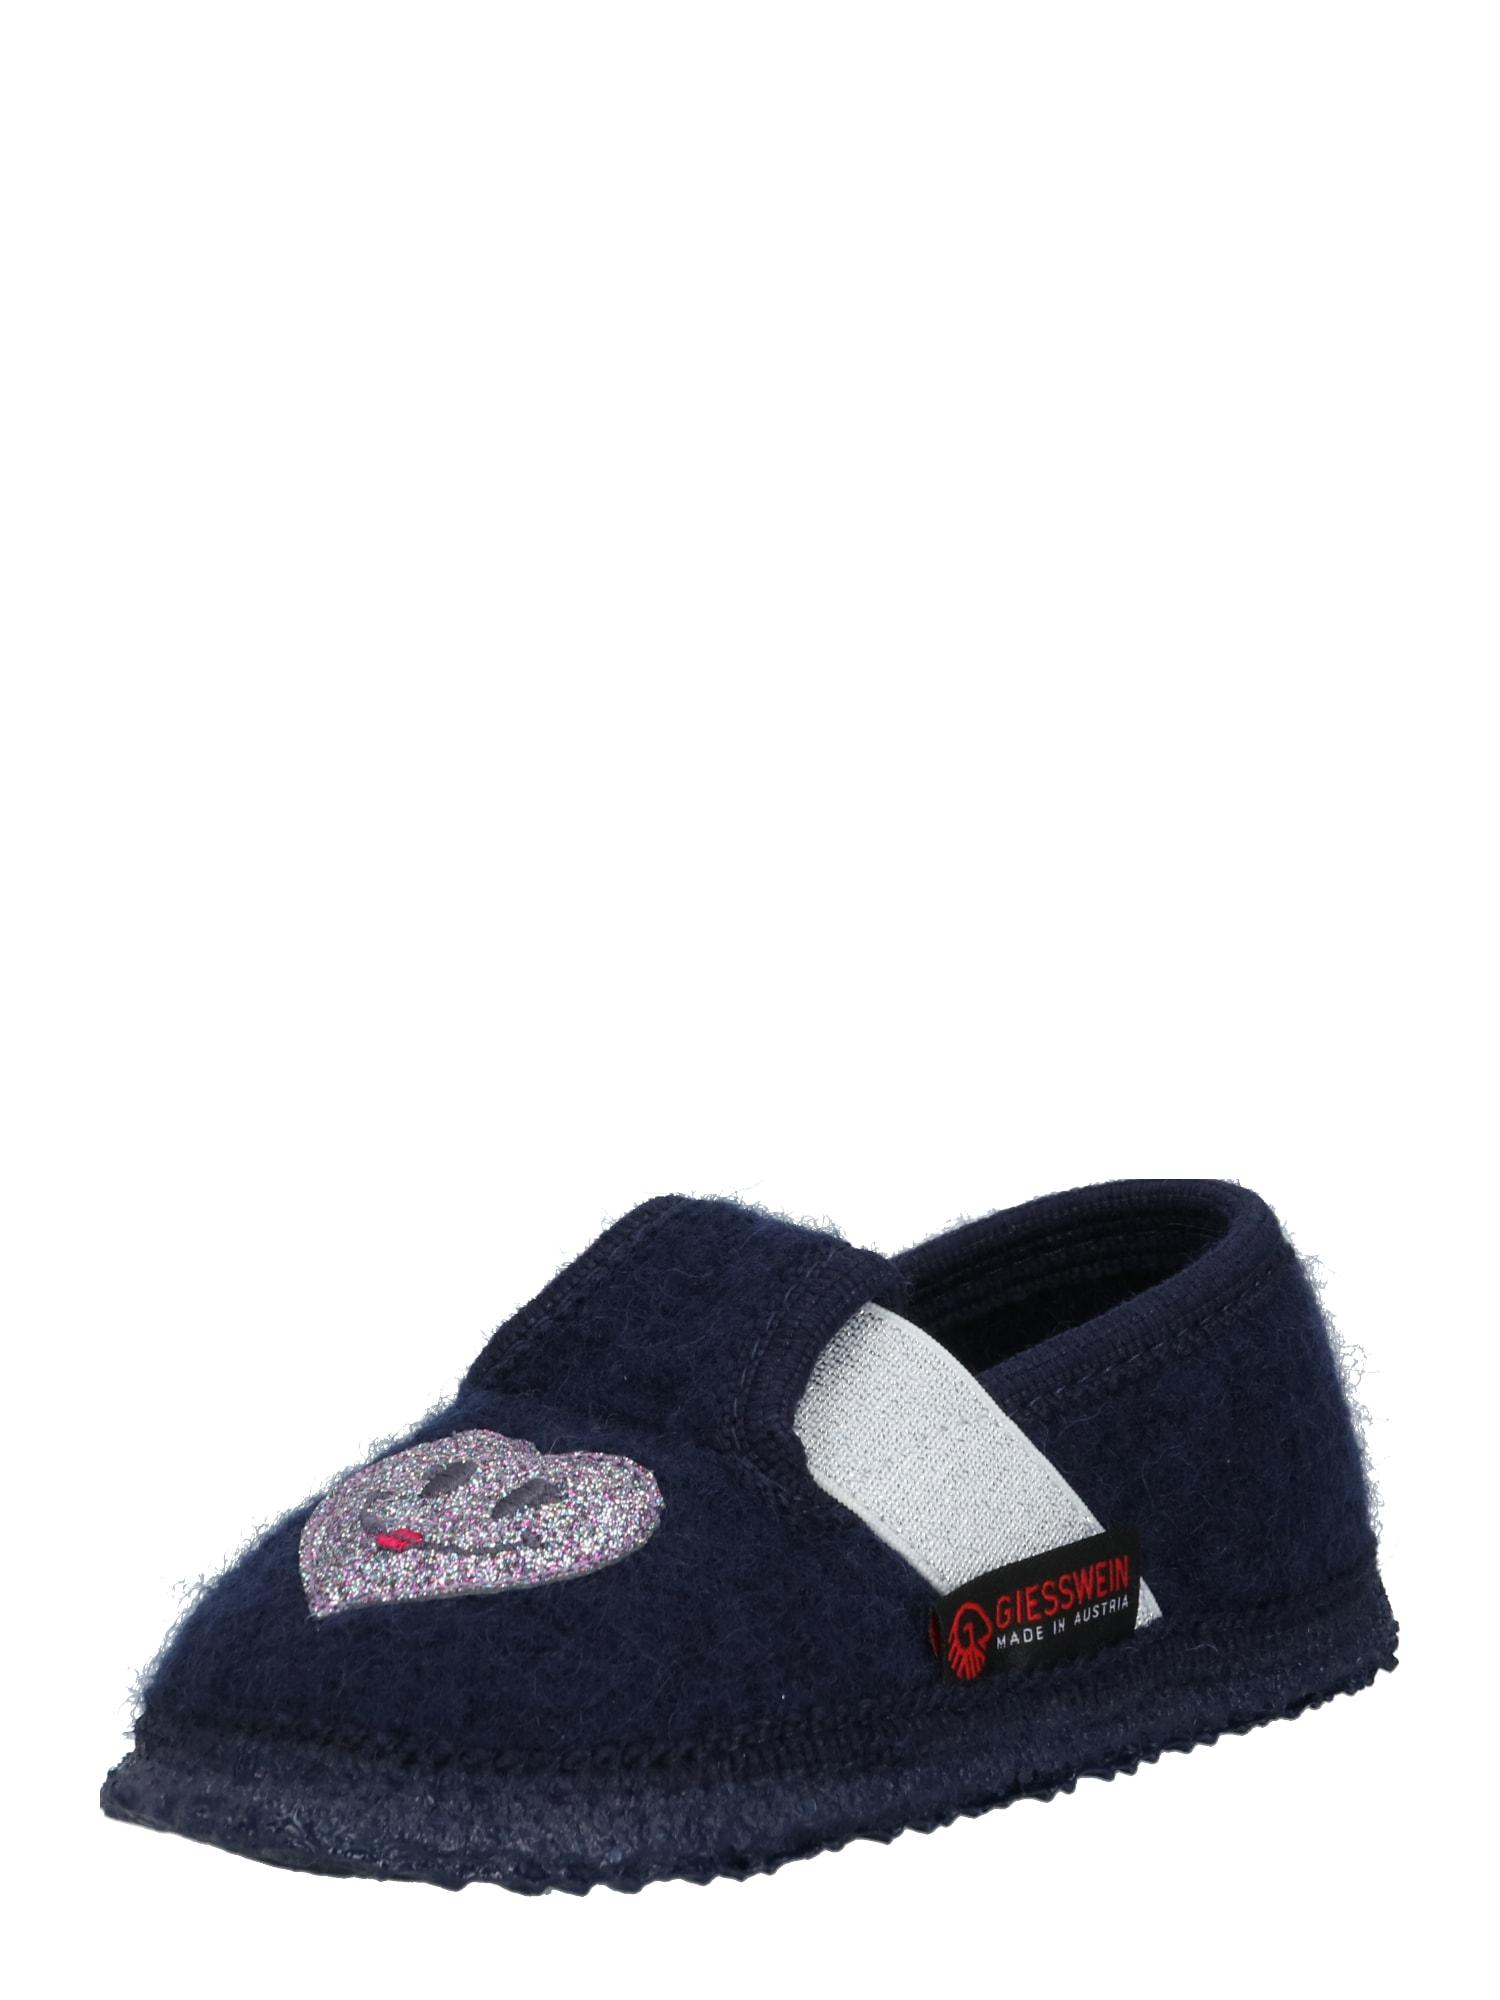 GIESSWEIN Pantofle 'Thalmässing'  fialová / tmavě modrá / bílá